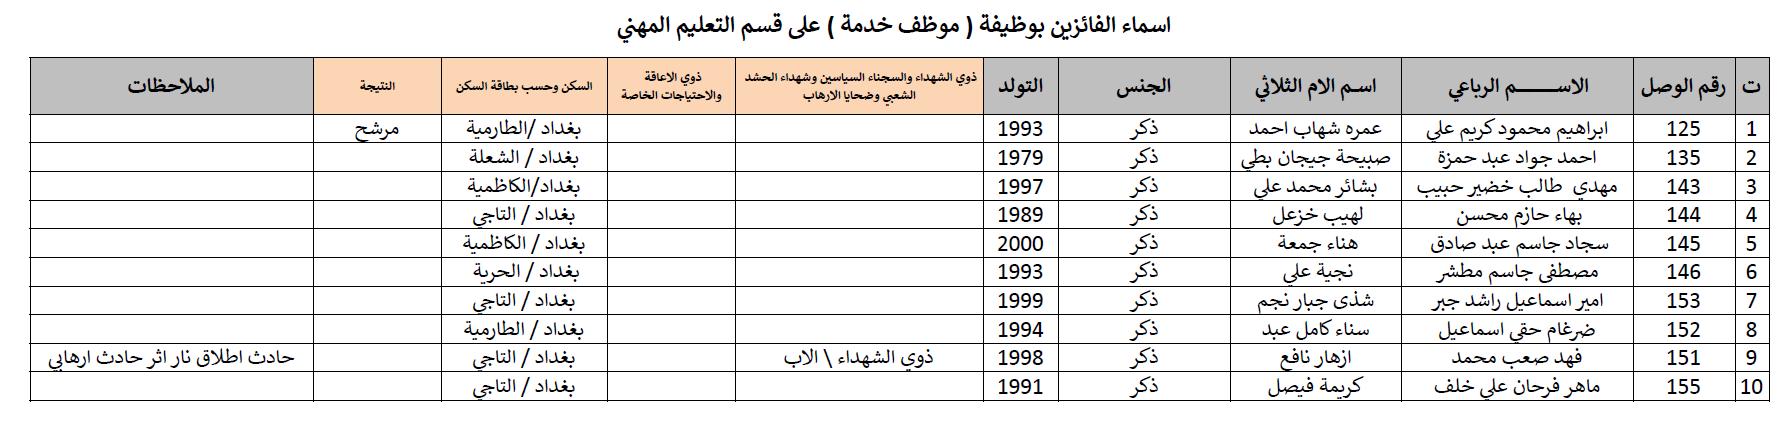 نتائج تعيينات تربية الكرخ الثالثة 2019 128